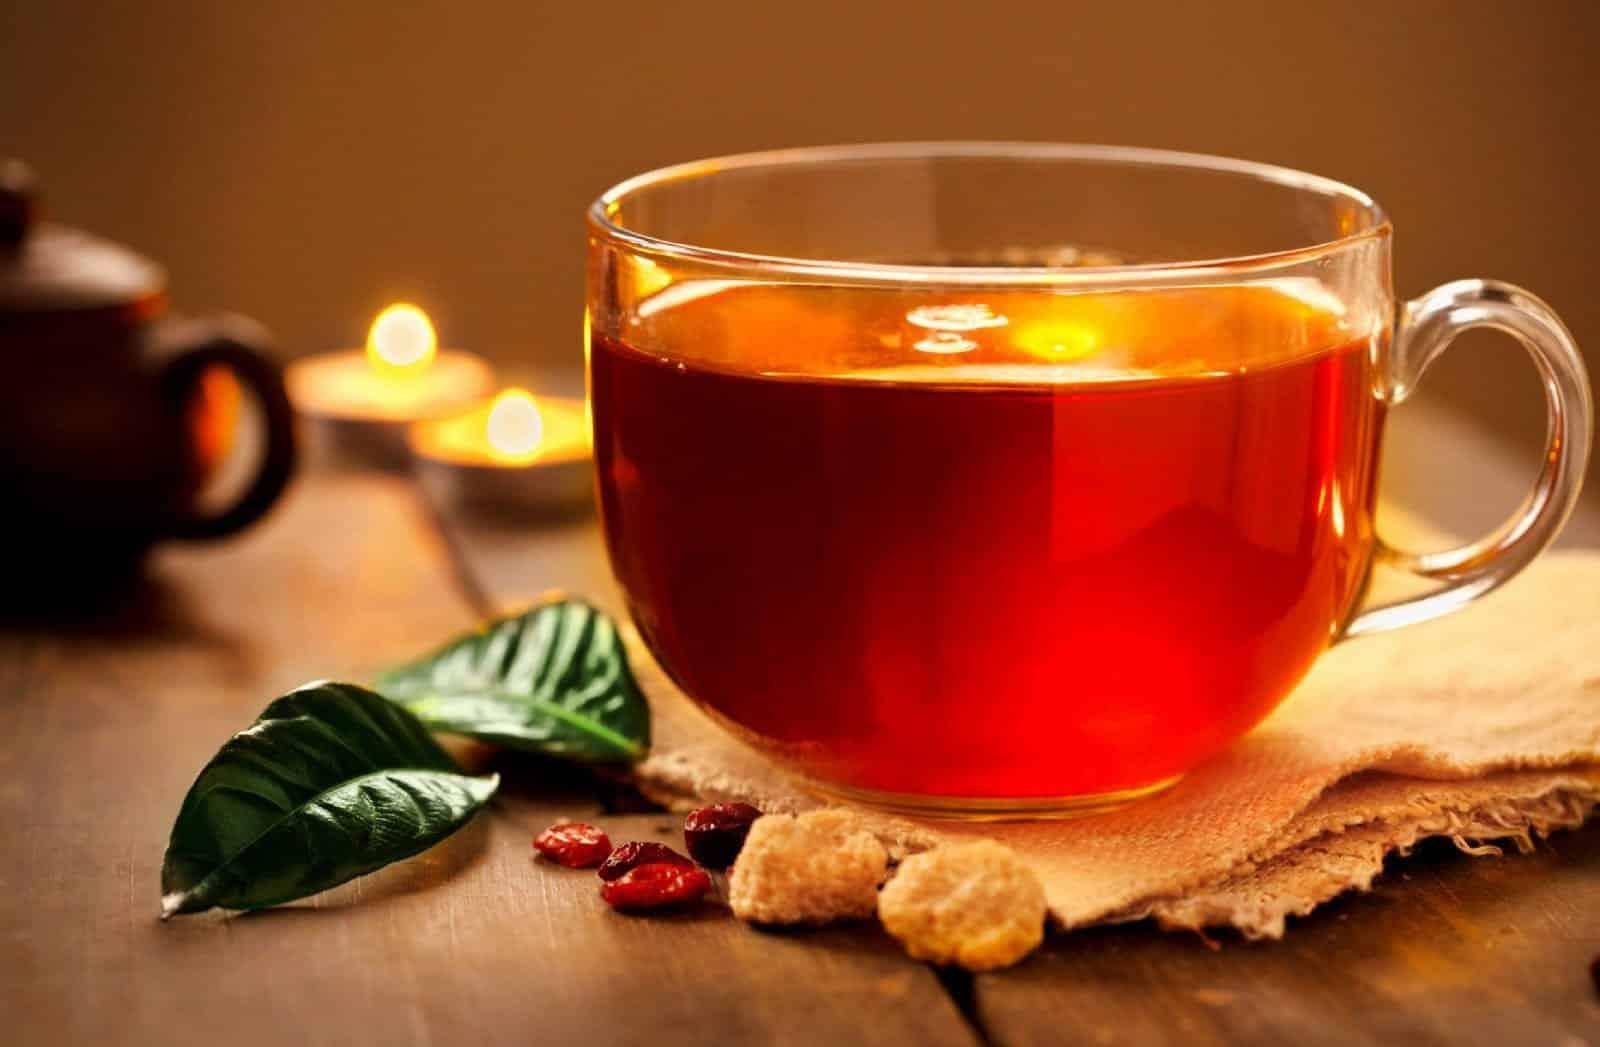 Conheça melhor o chá de hibisco e seus inúmeros benefícios